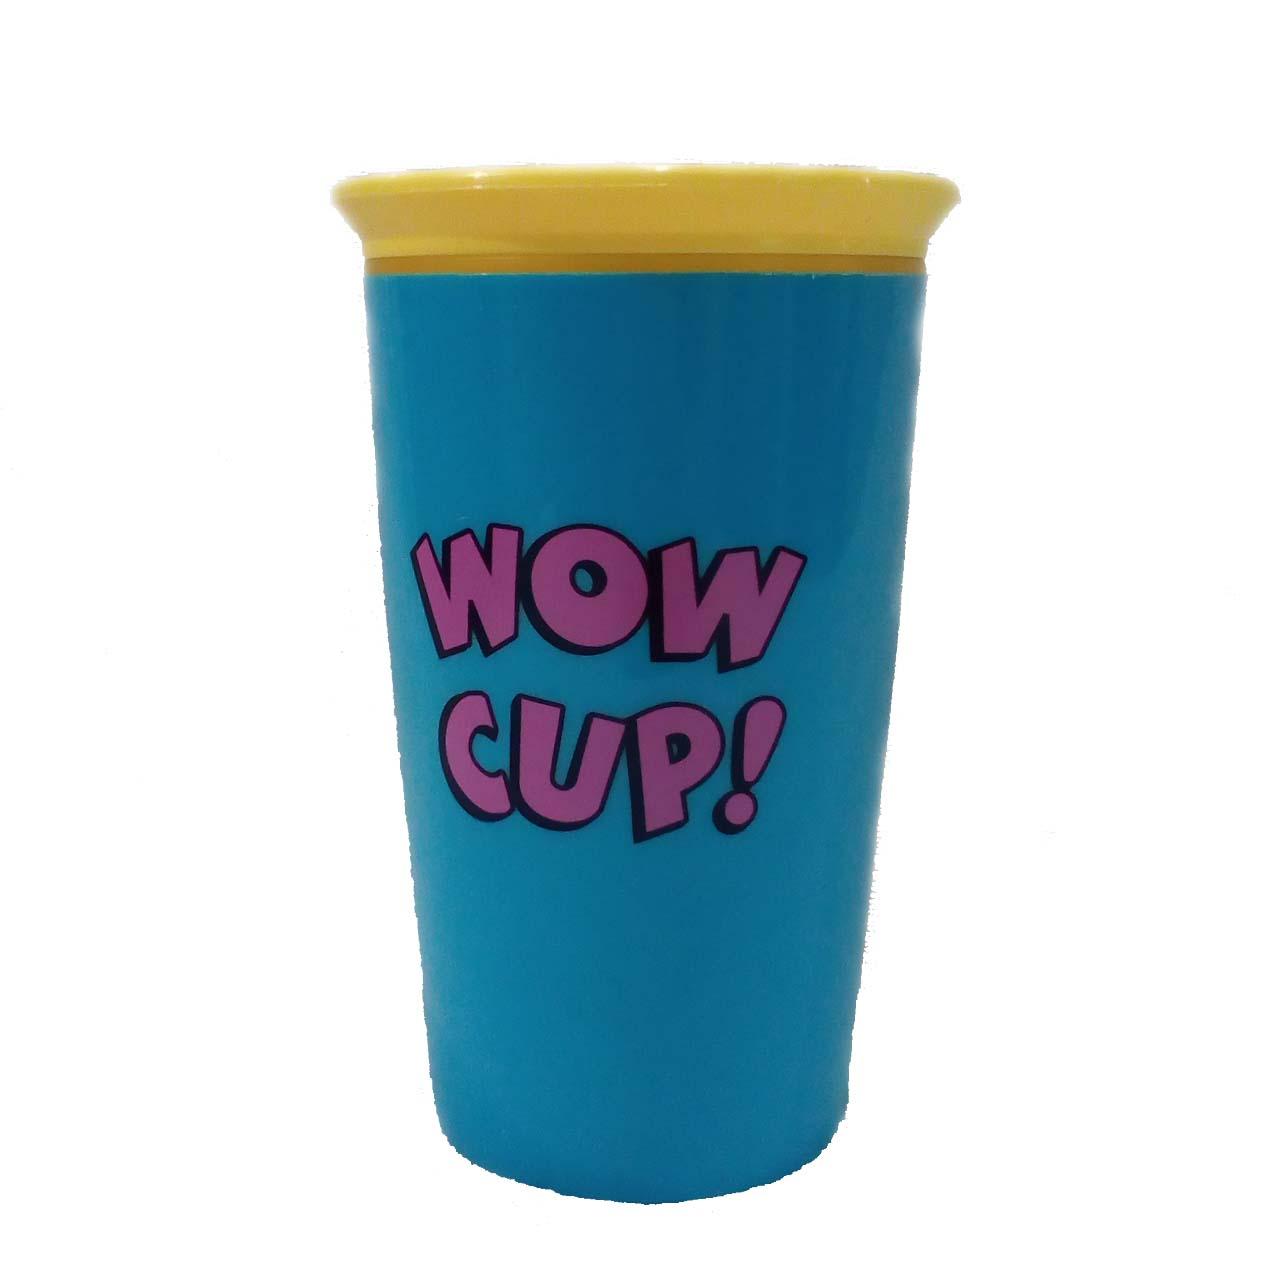 عکس لیوان جادوئی مدل WOW CUP کد 22